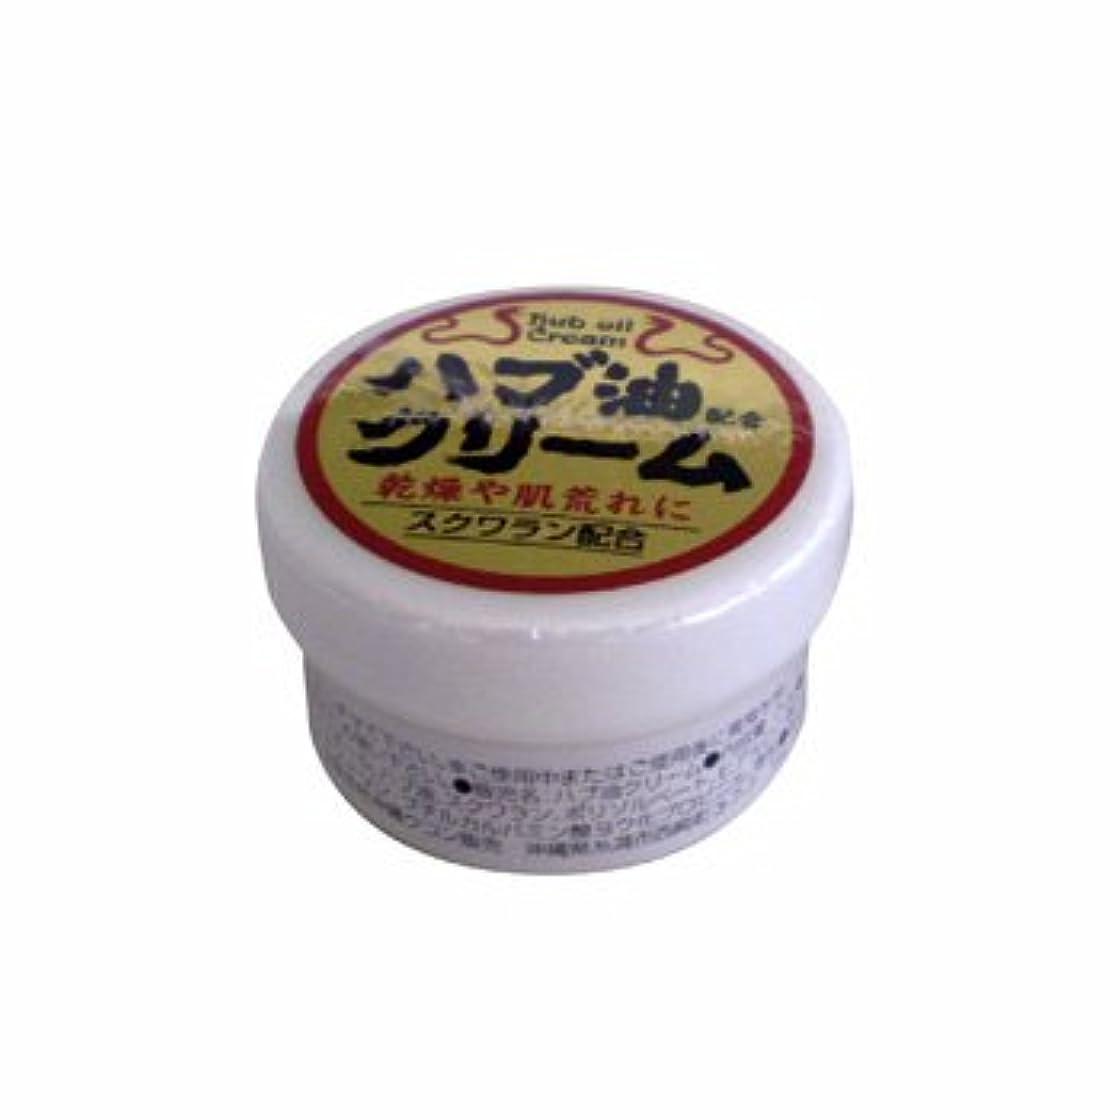 ぶら下がる余計なホールドハブ油配合クリーム 1個【1個?20g】